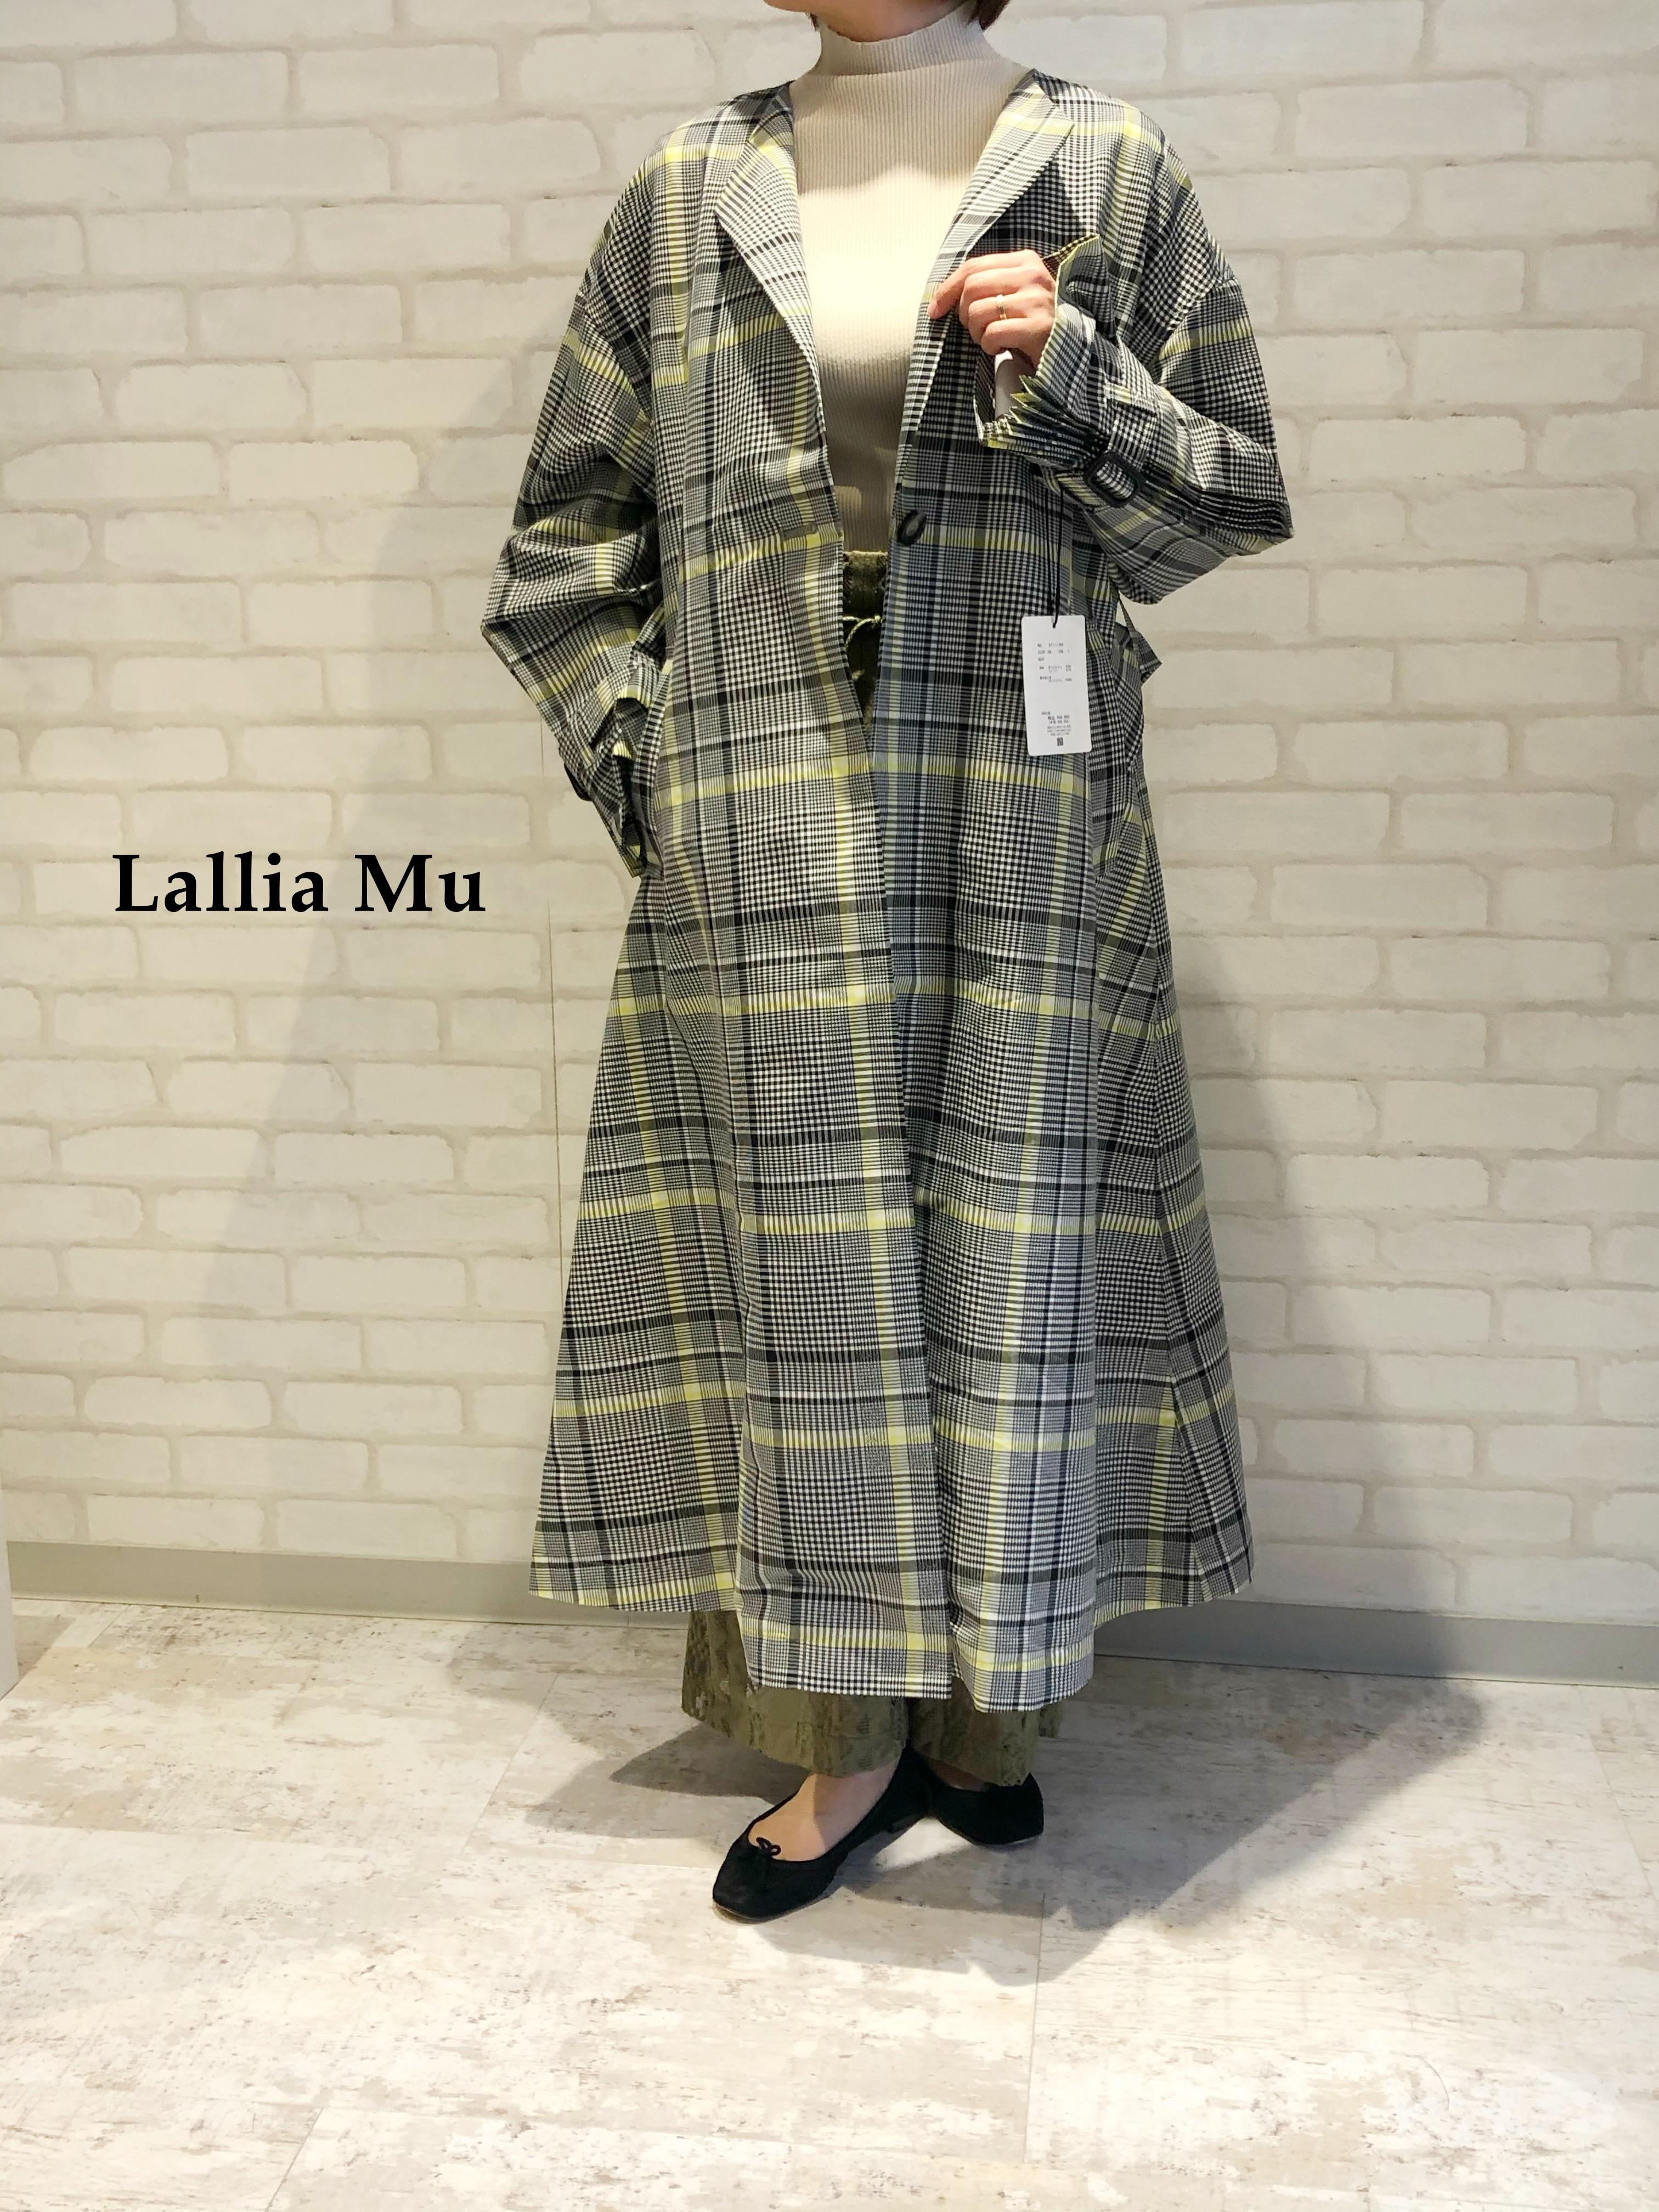 【再入荷】Lallia Mu/デザイントレンチコート/2111185(オフ)